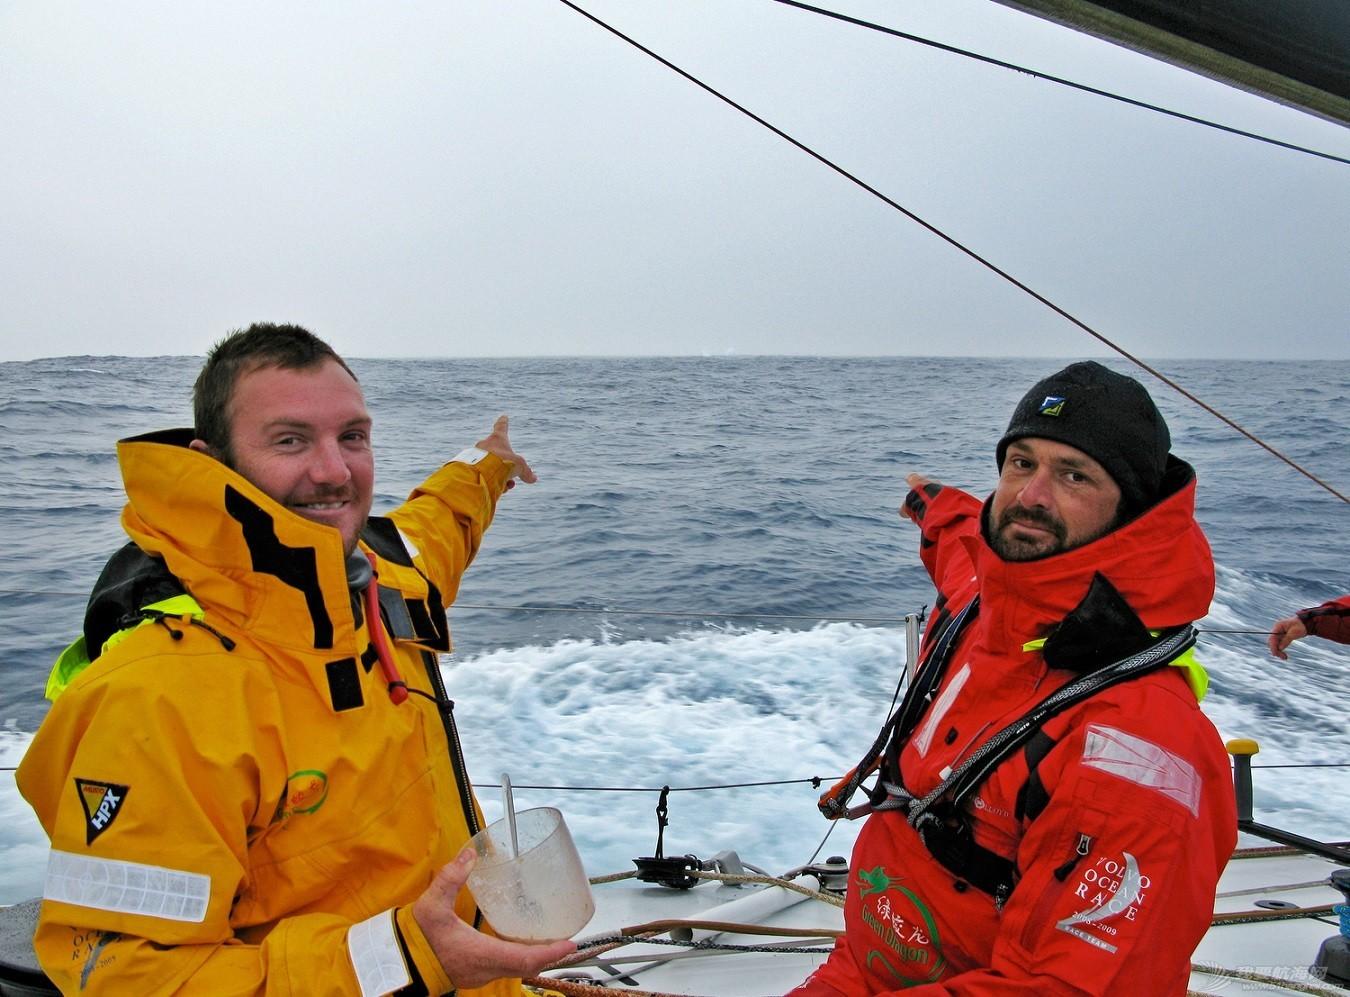 阿布扎比,沃尔沃,可能性,大洋,动态 船队驶过尼莫极点 调整冰山禁区保安全